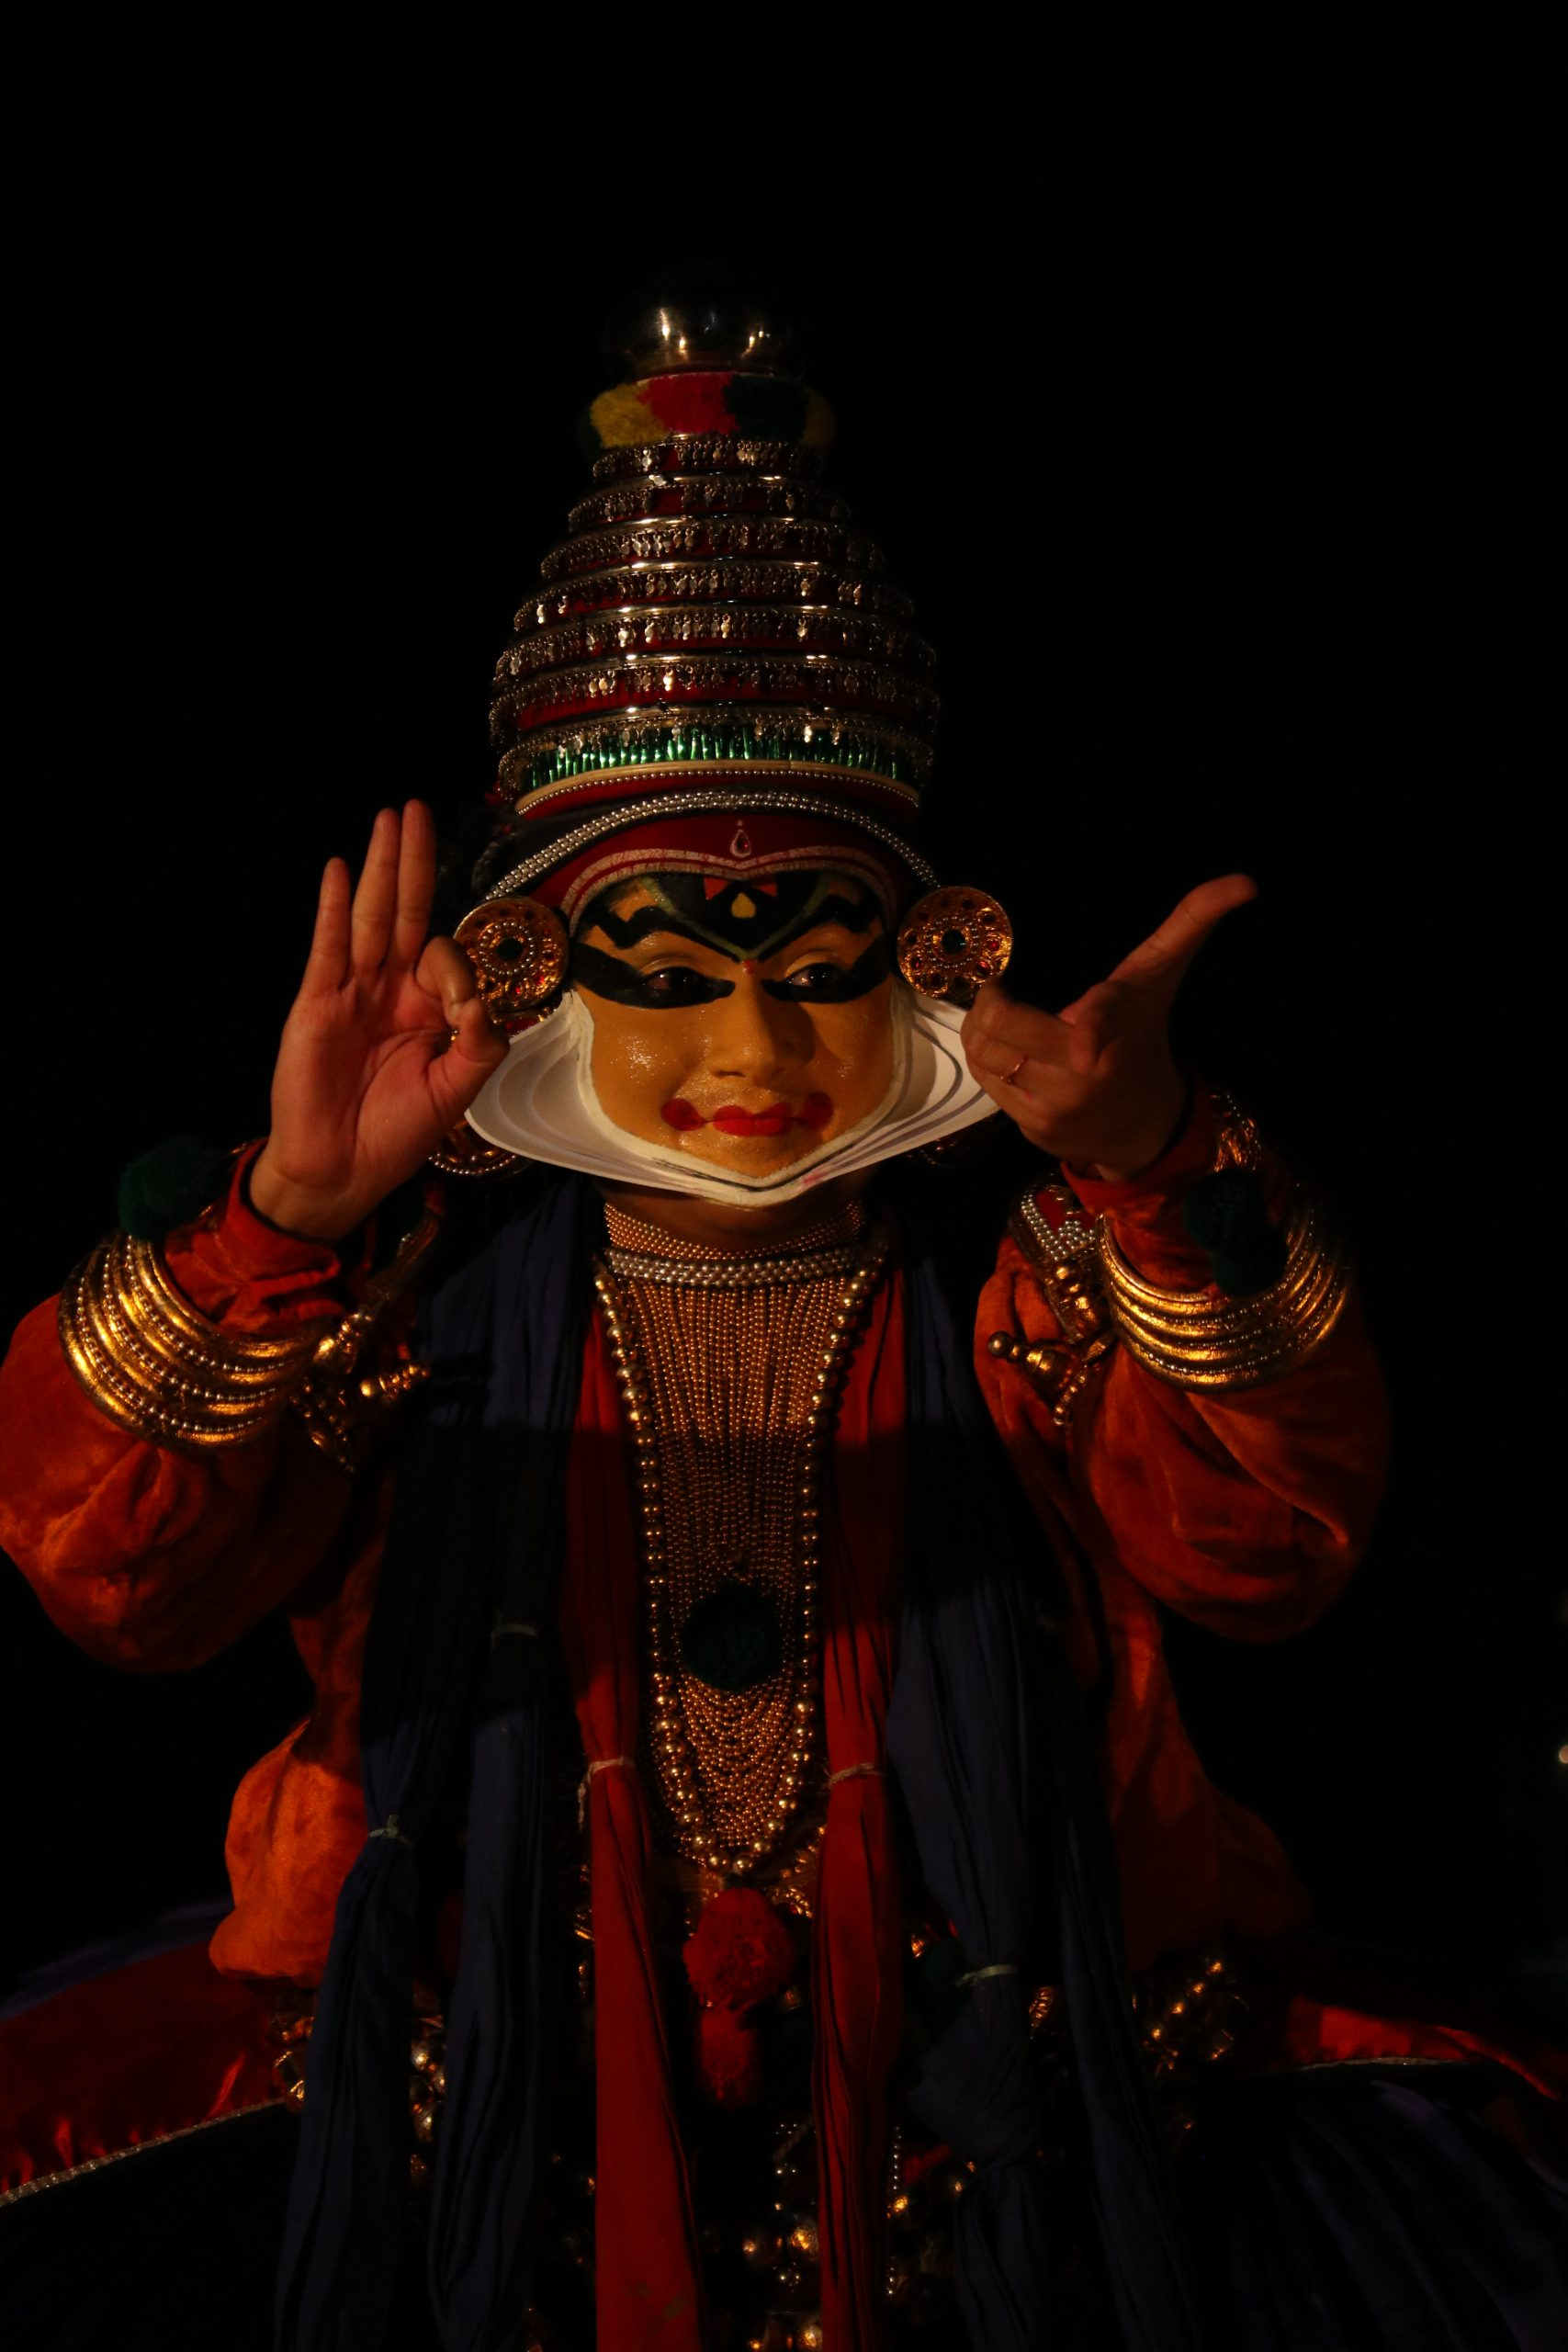 Kathakali artist performing art